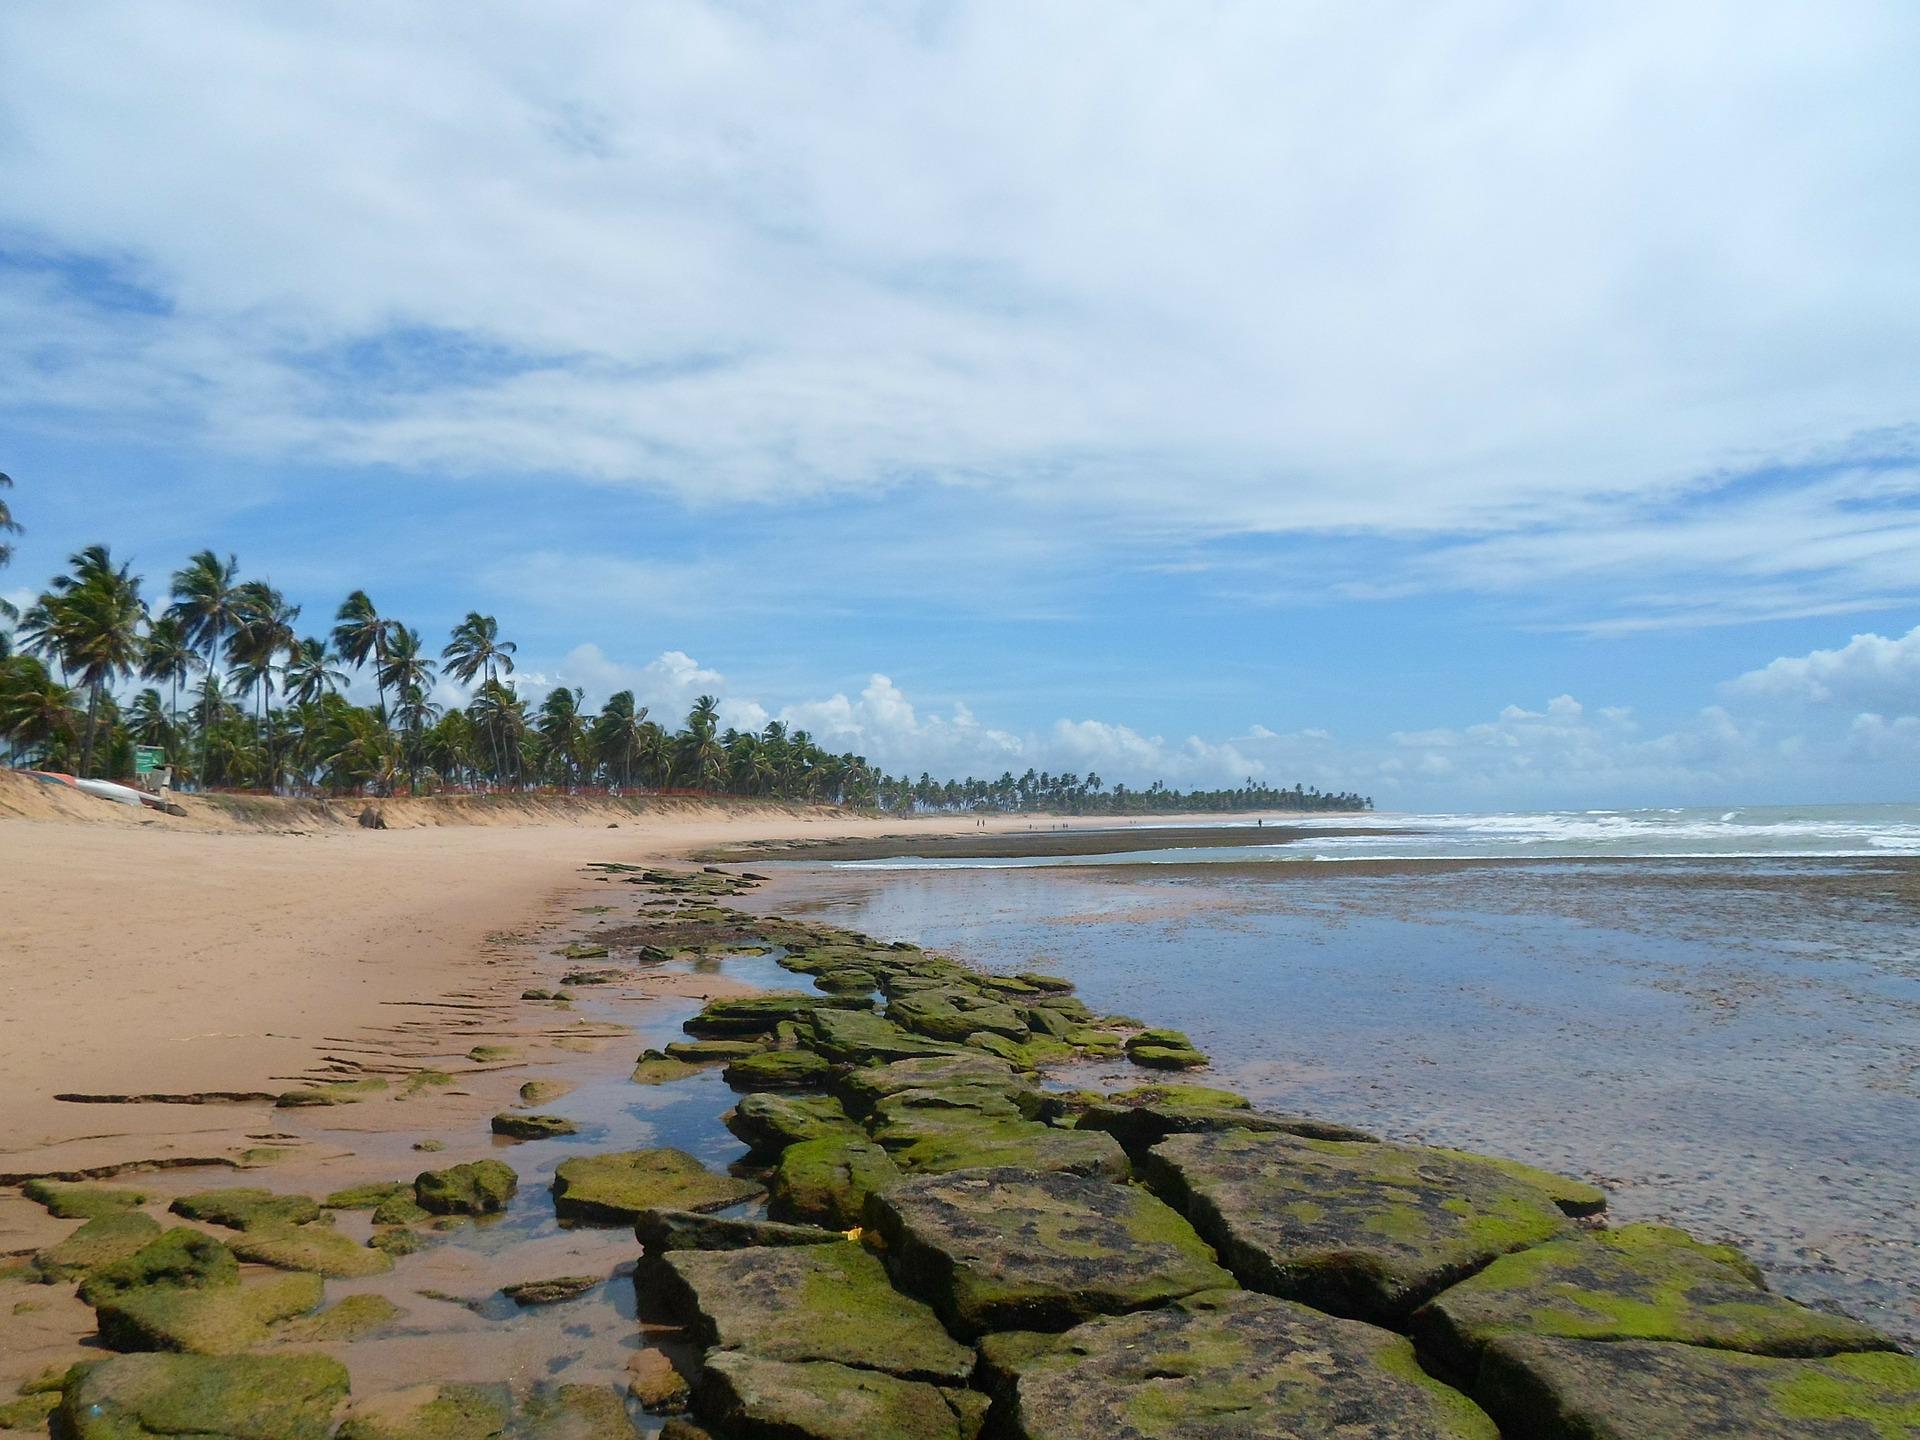 up-consorcio- praia-do-forte